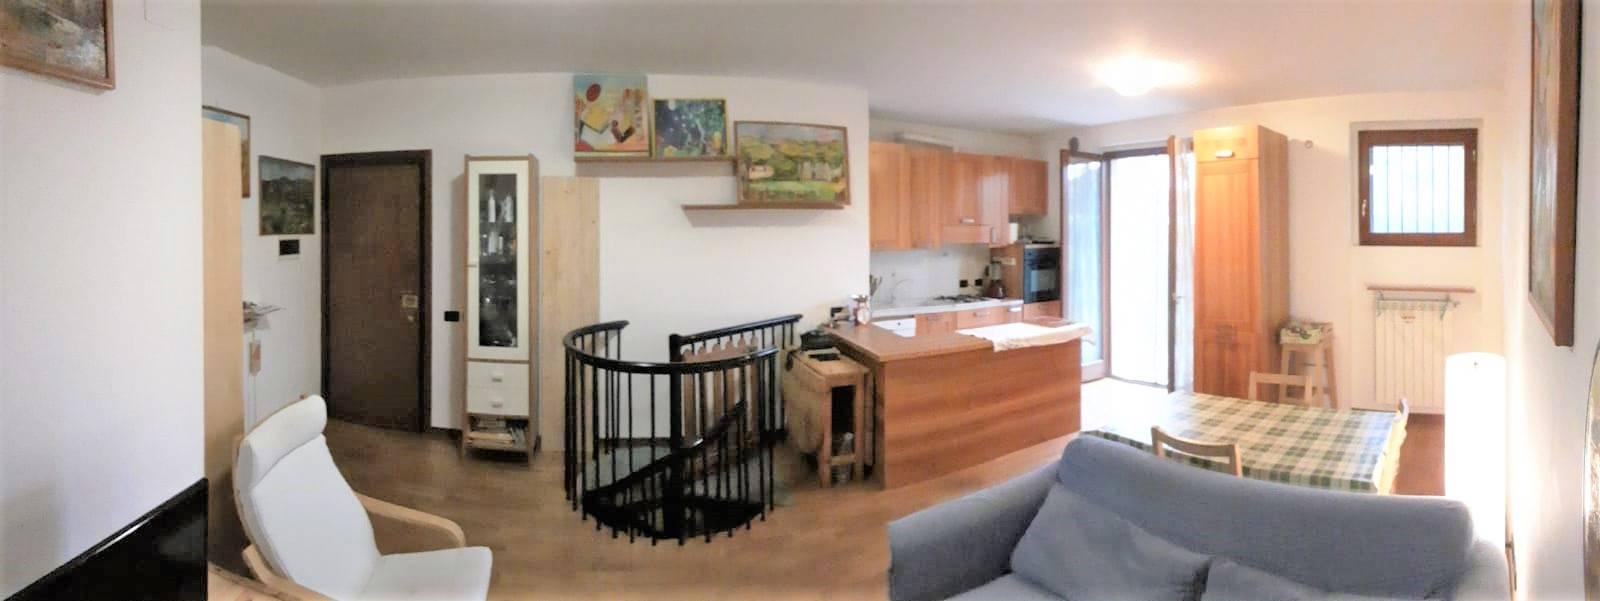 Appartamento in vendita a Paladina, 3 locali, prezzo € 110.000 | PortaleAgenzieImmobiliari.it